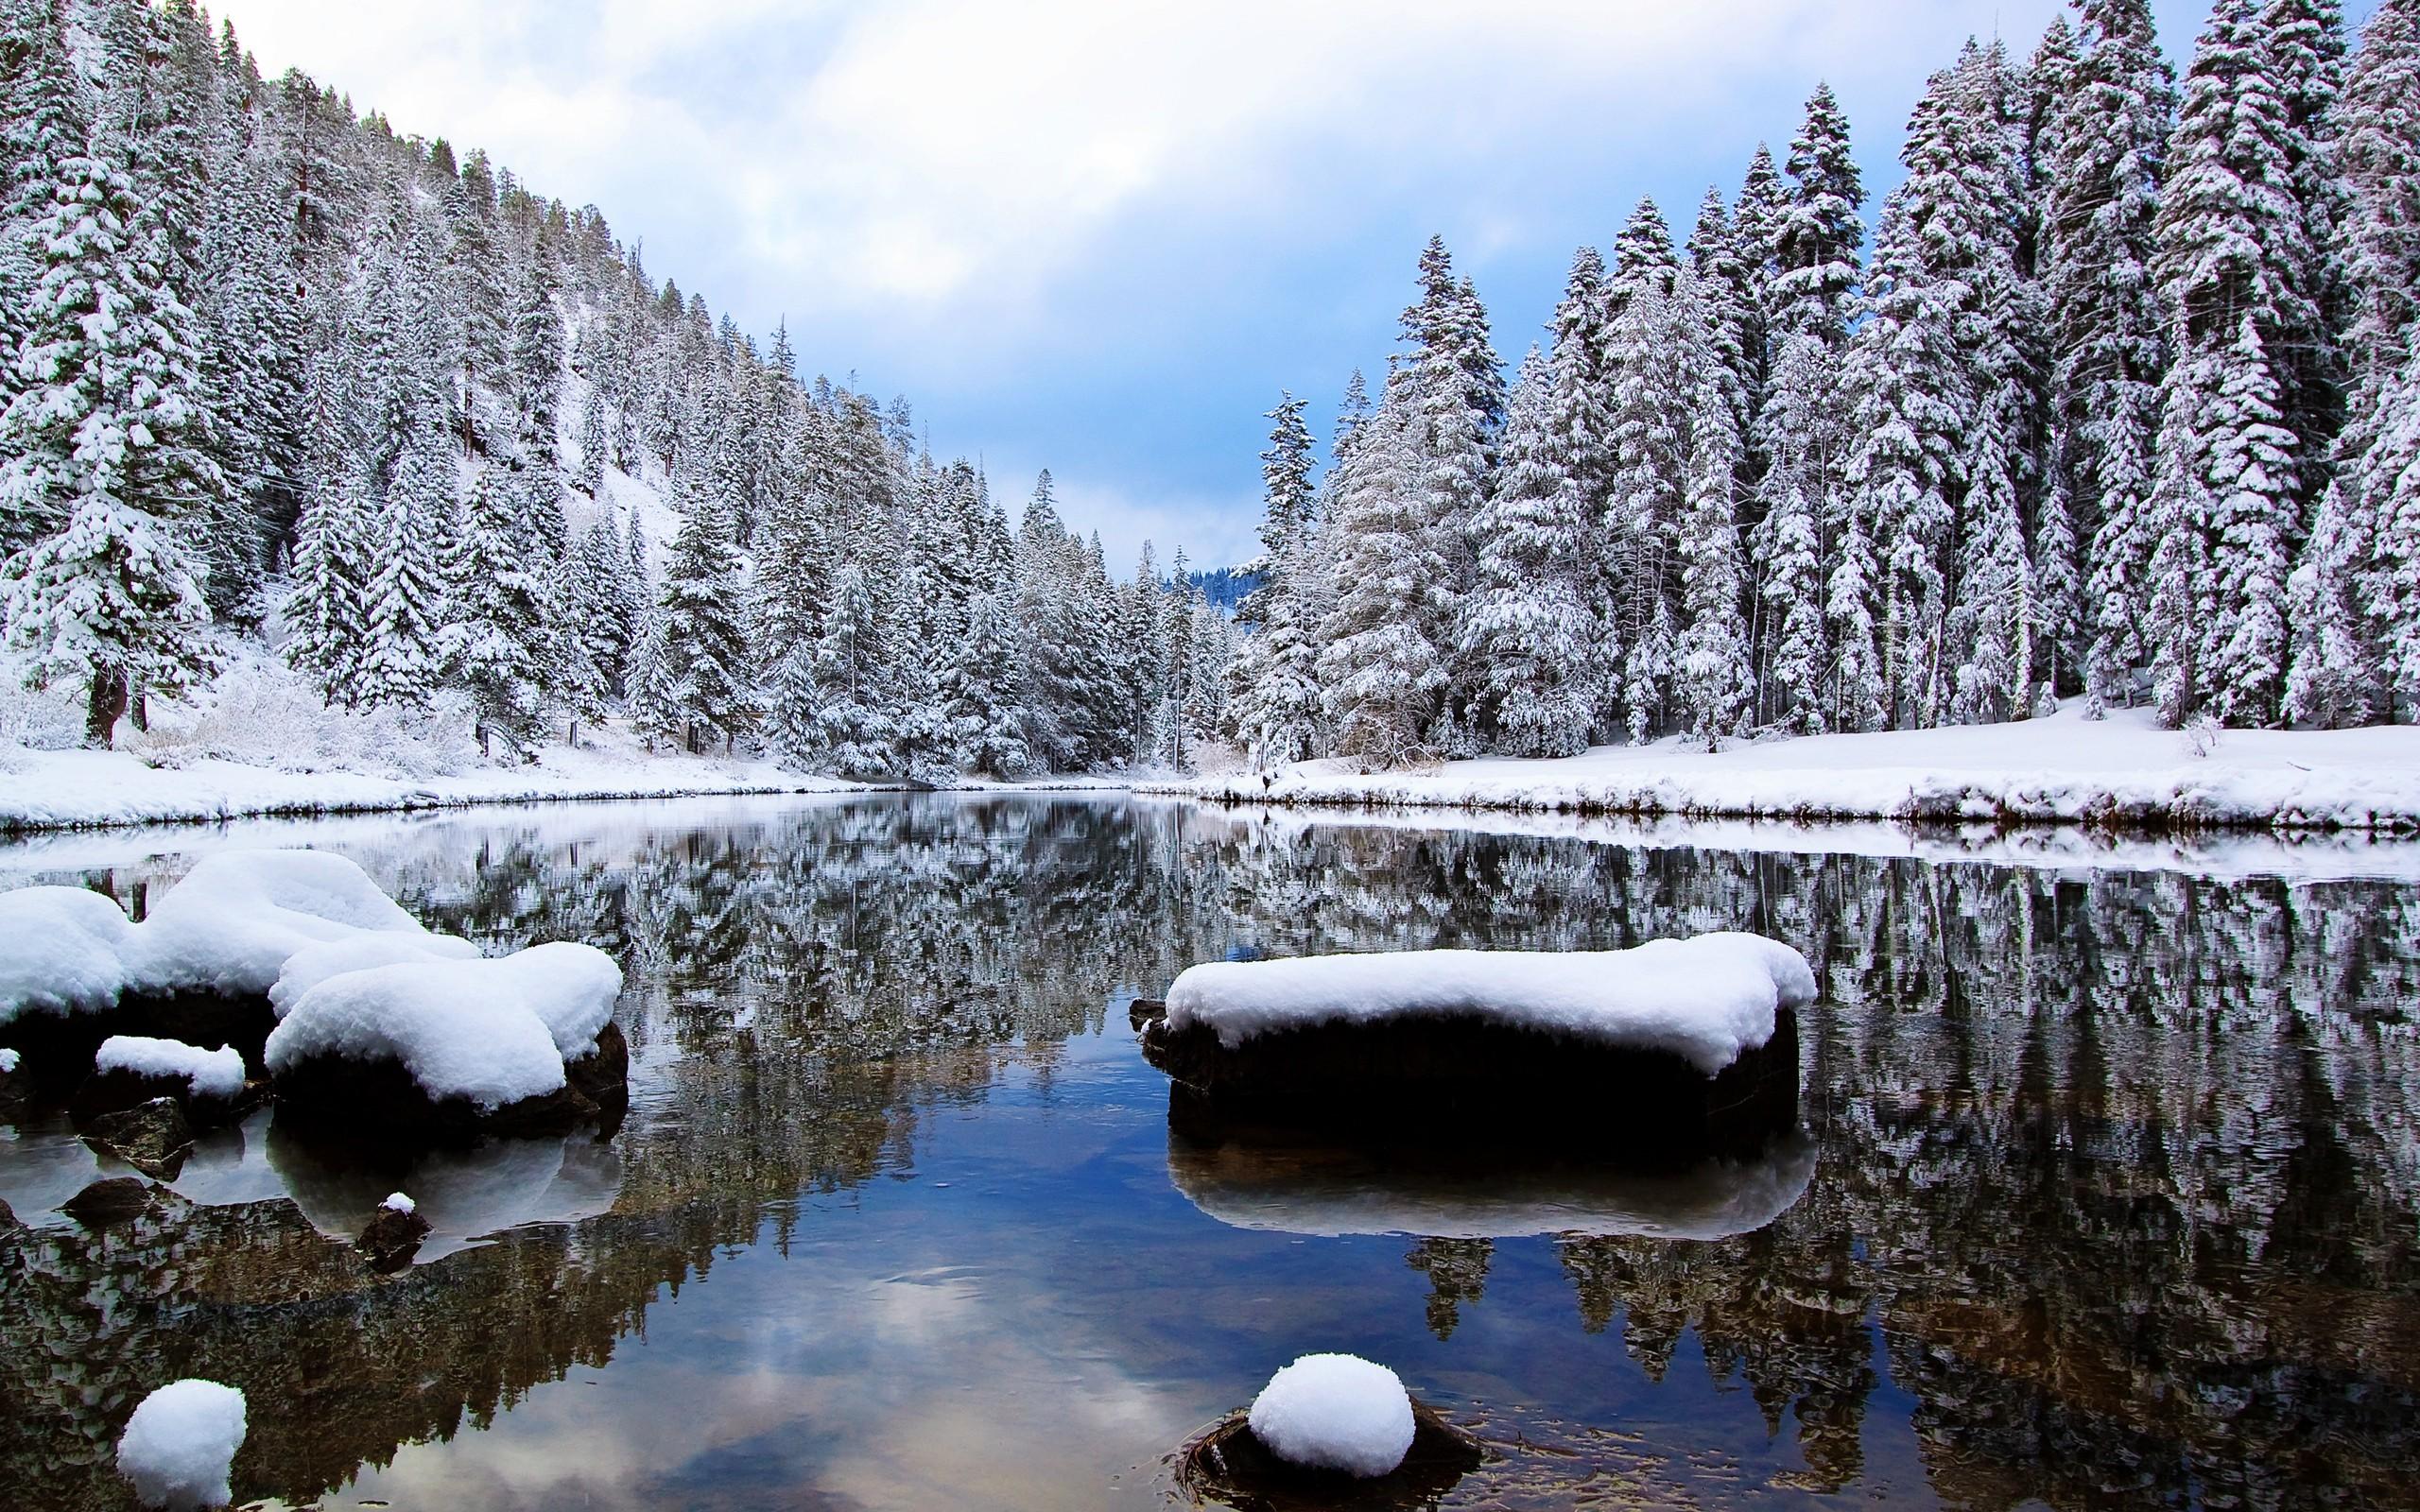 природа река отражение зима снег деревья лес загрузить